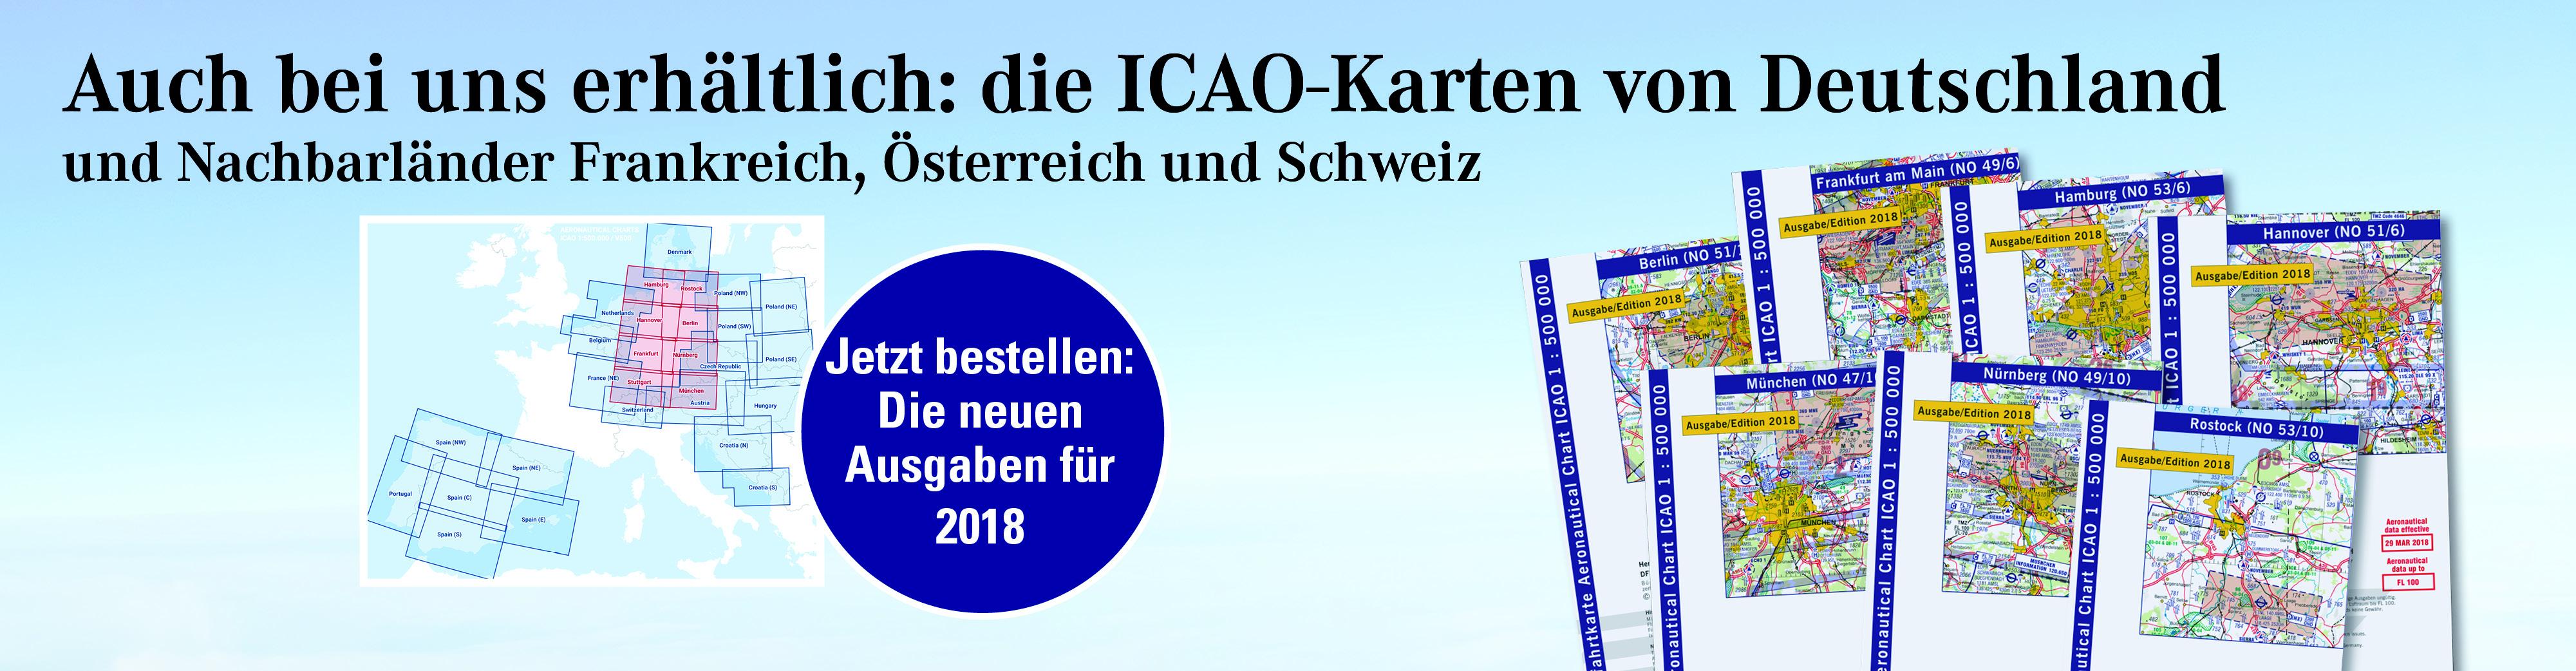 ICAO Karten 2018